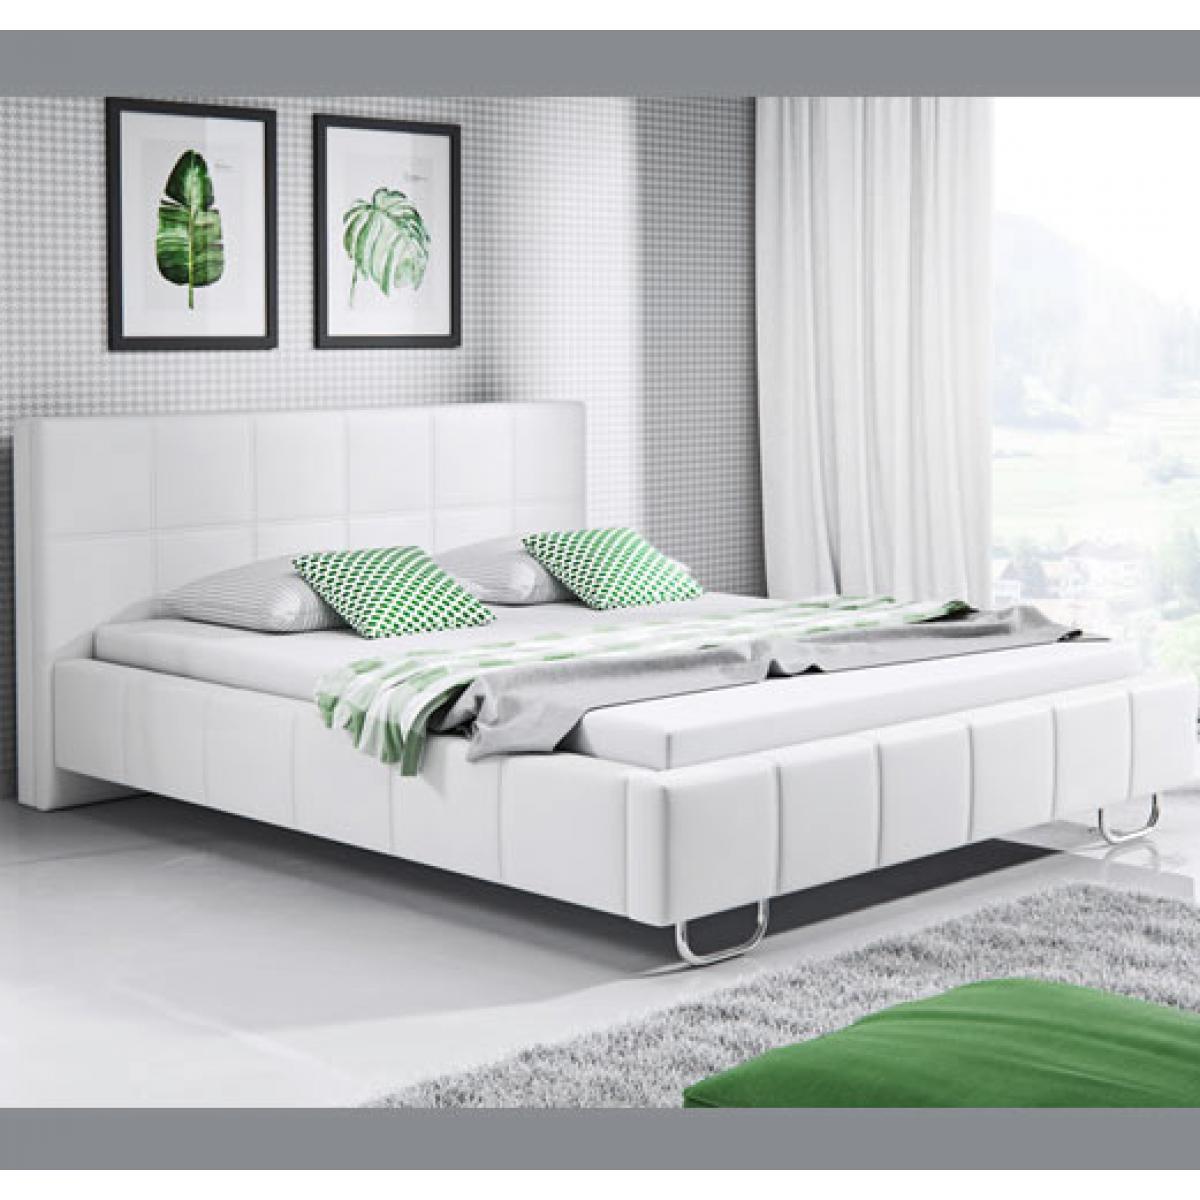 Design Ameublement Lit design Sofía ? blanc (140x190cm)